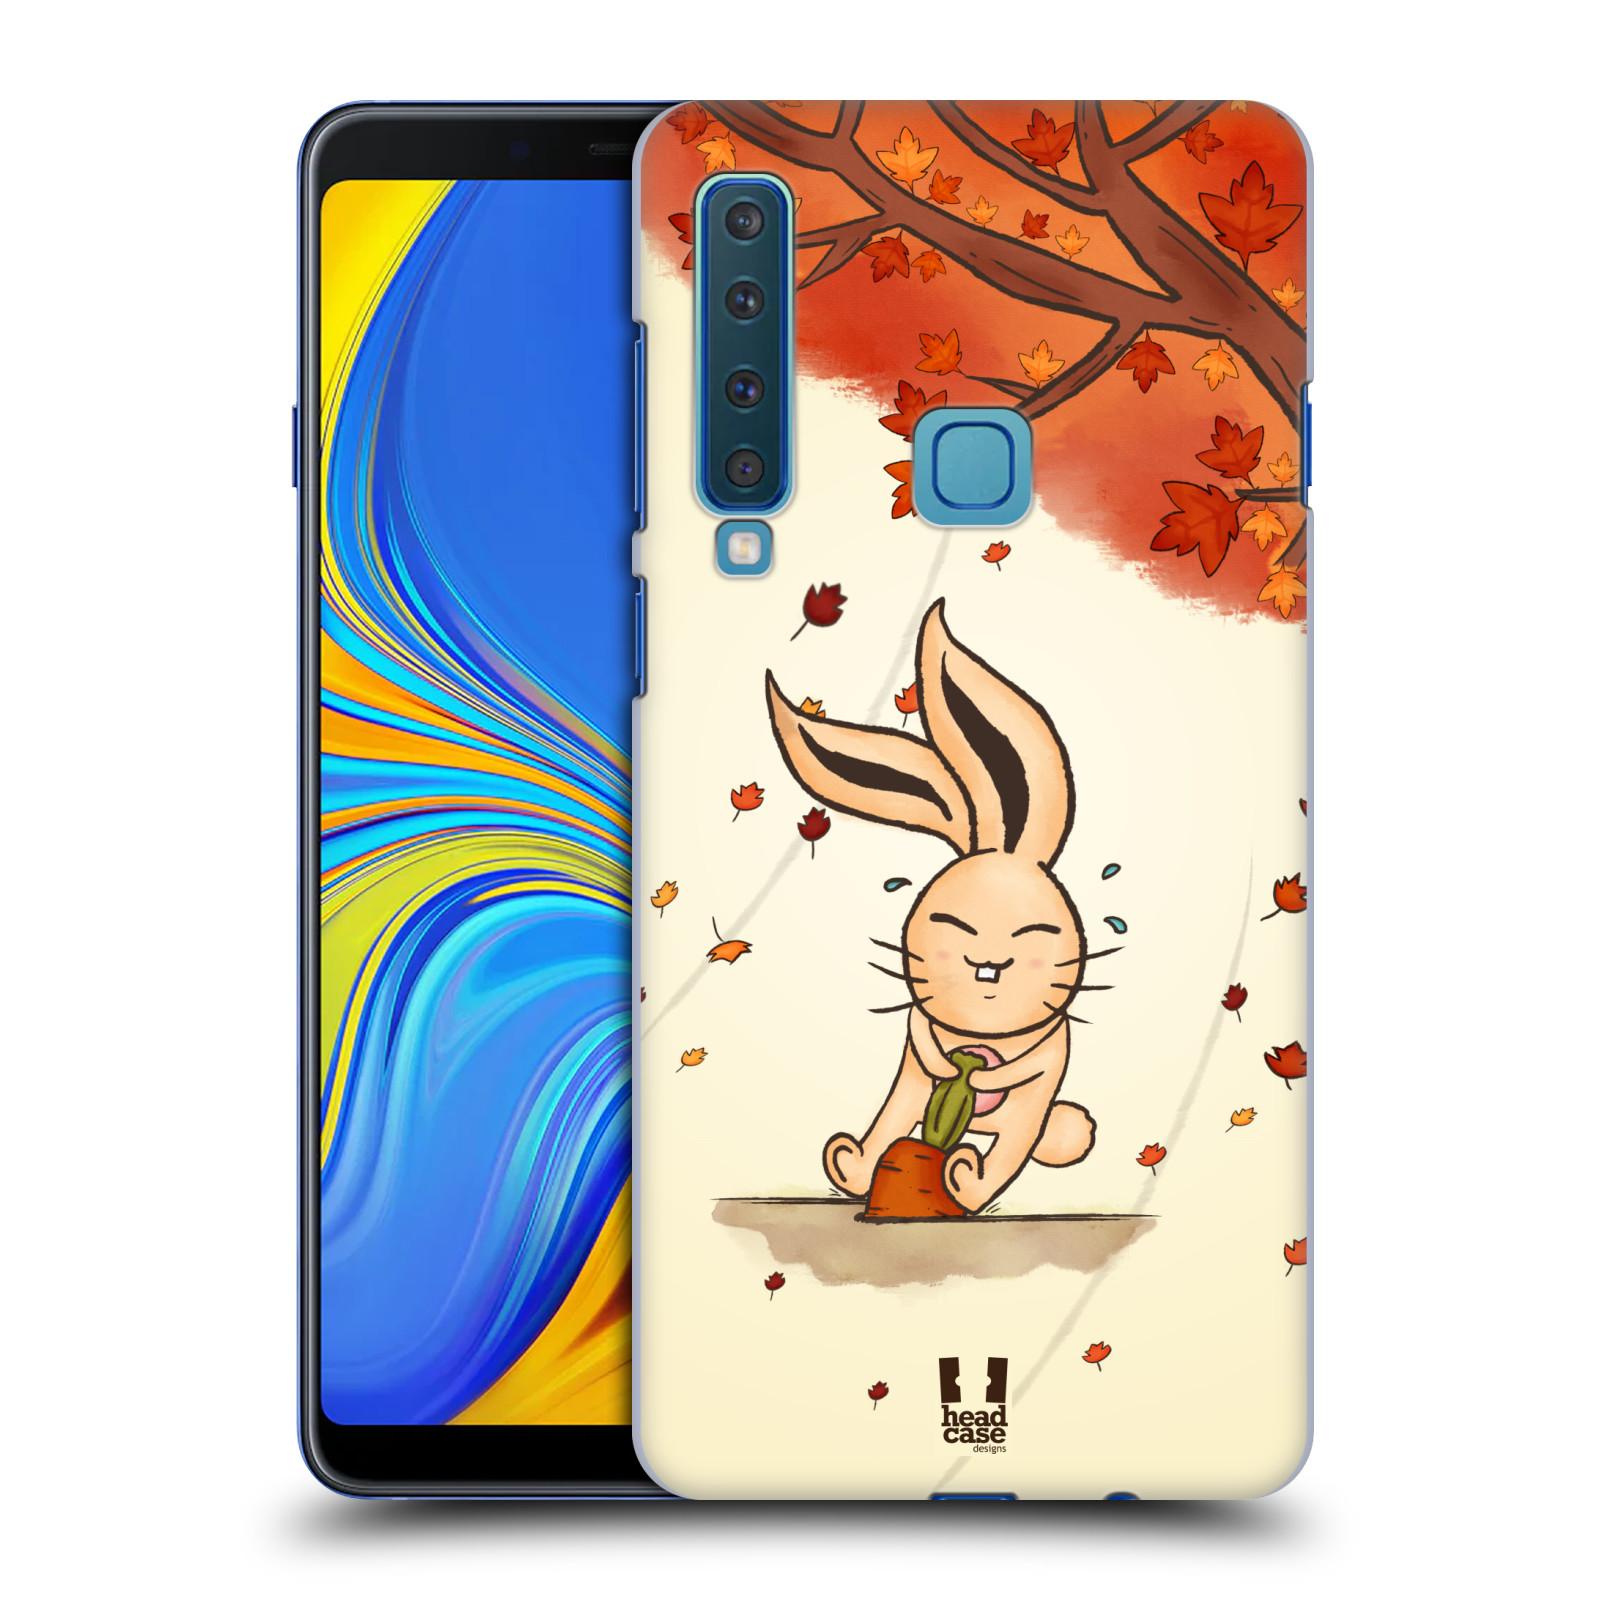 Plastové pouzdro na mobil Samsung Galaxy A9 (2018) - Head Case - PODZIMNÍ KRÁLÍK